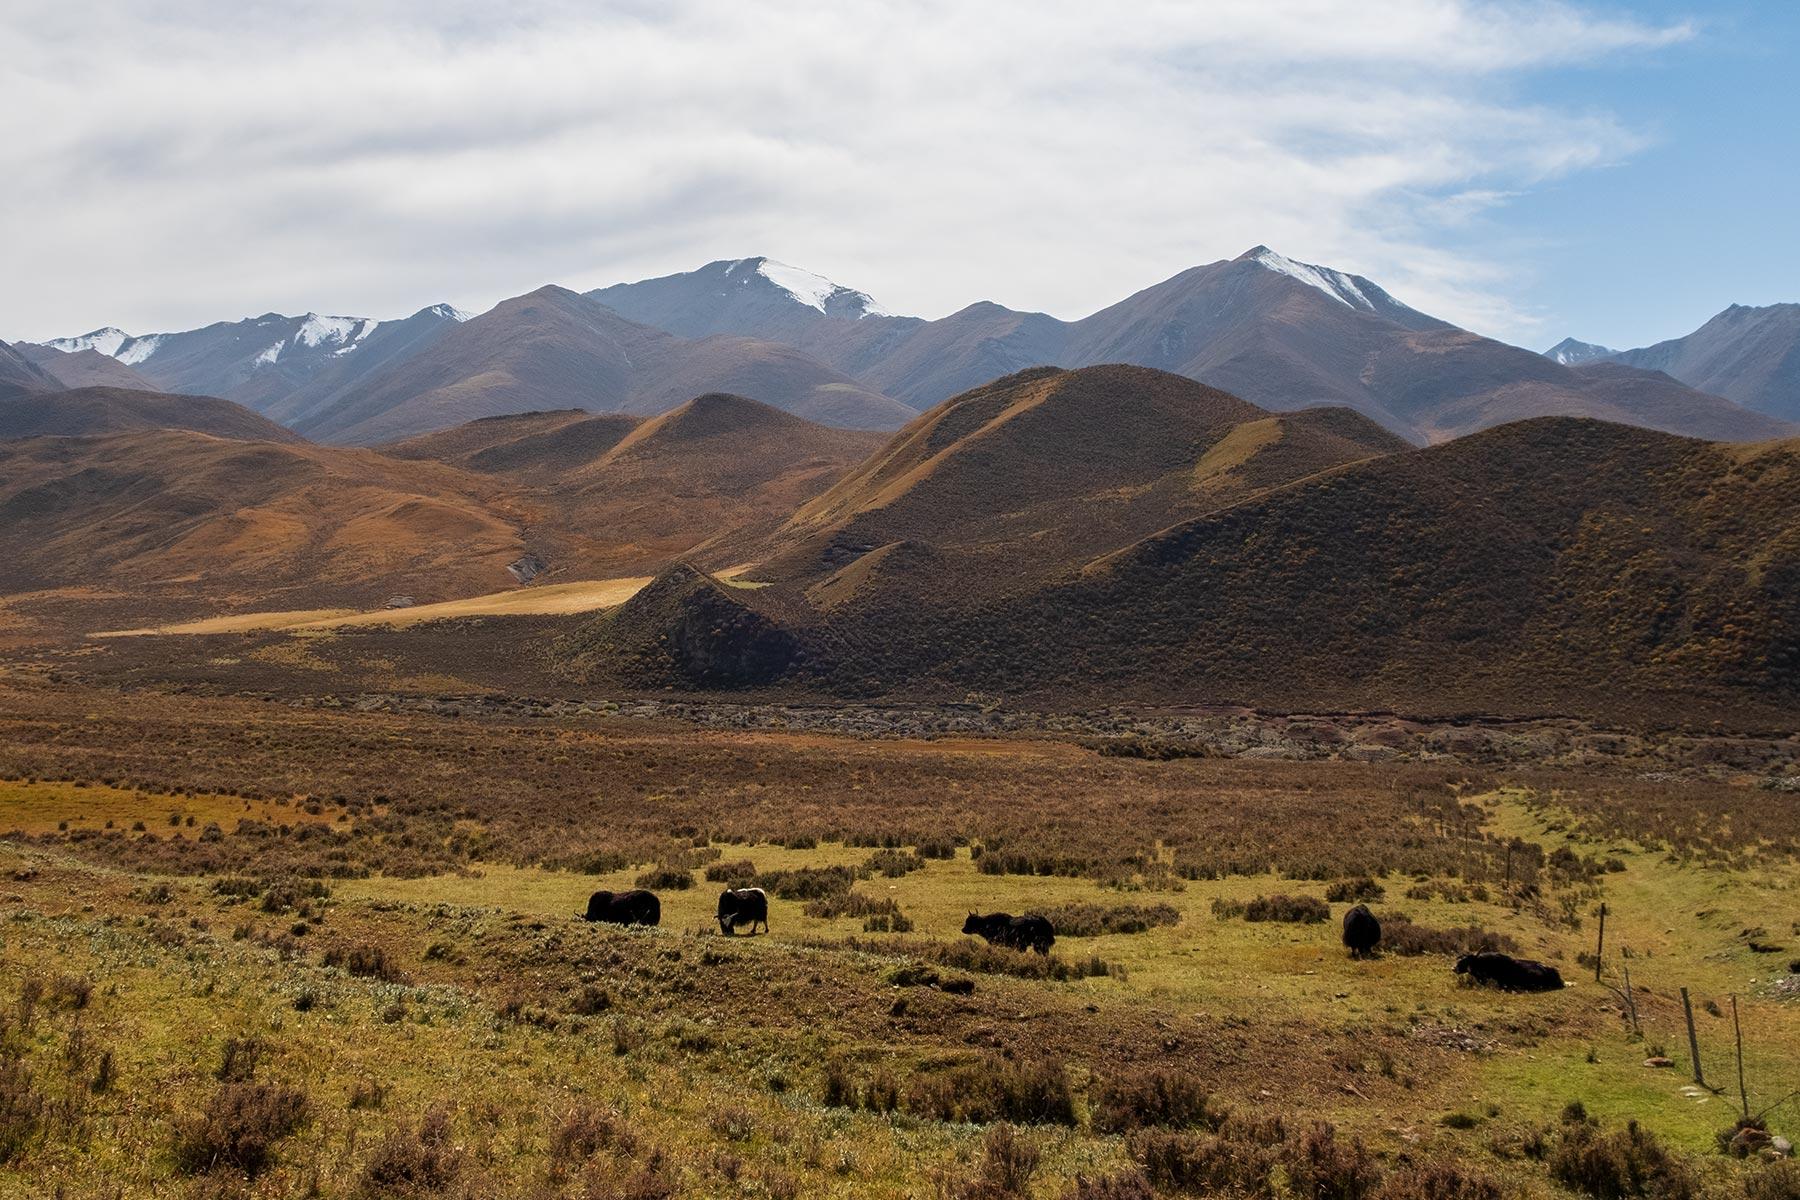 Yaks in Gansu China in den Bergen